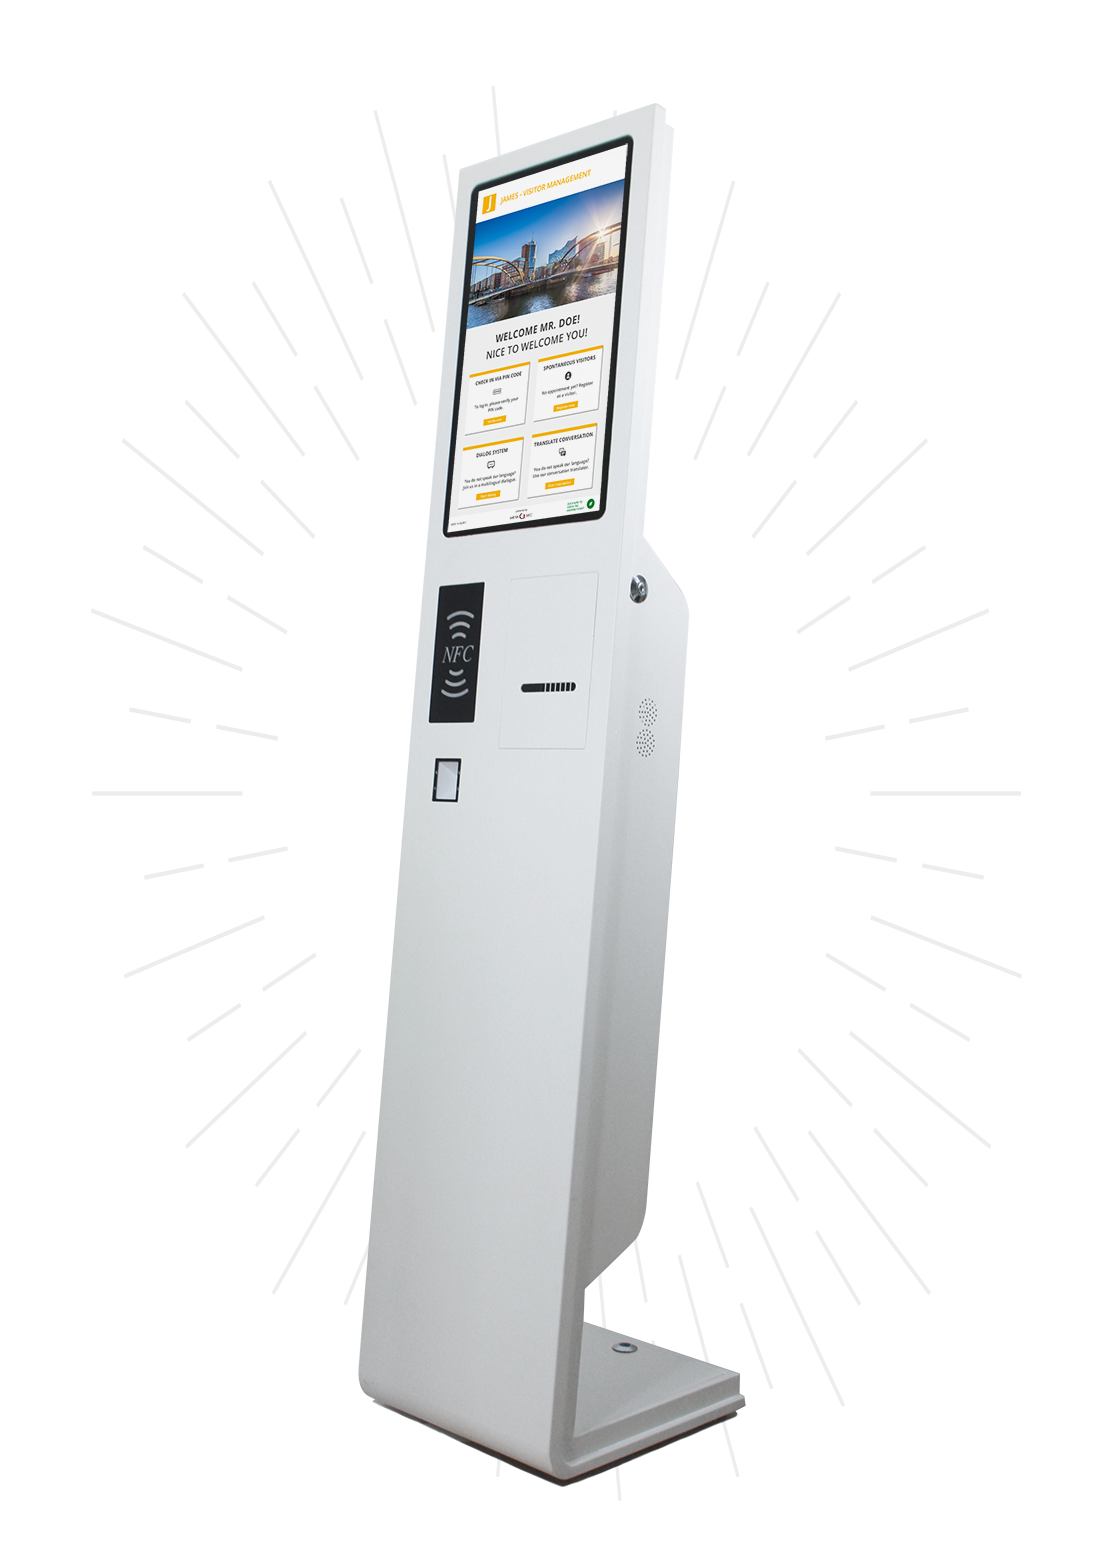 Besucher-Kiosk für den digitalen Empfang